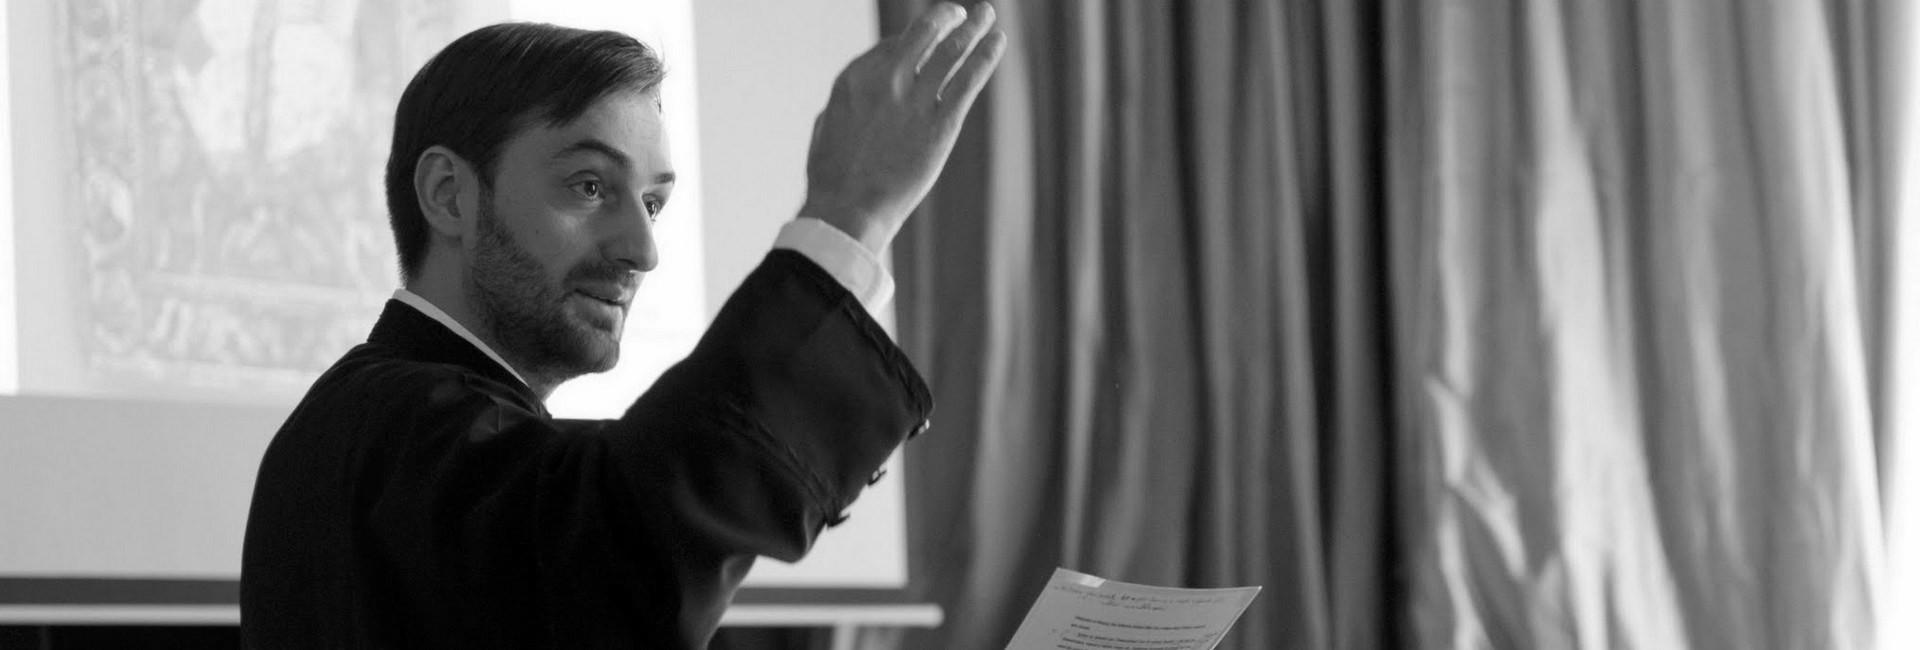 preot Marcel Stavără despre referendumul pentru familie şi homosexualitate ca păcat slider